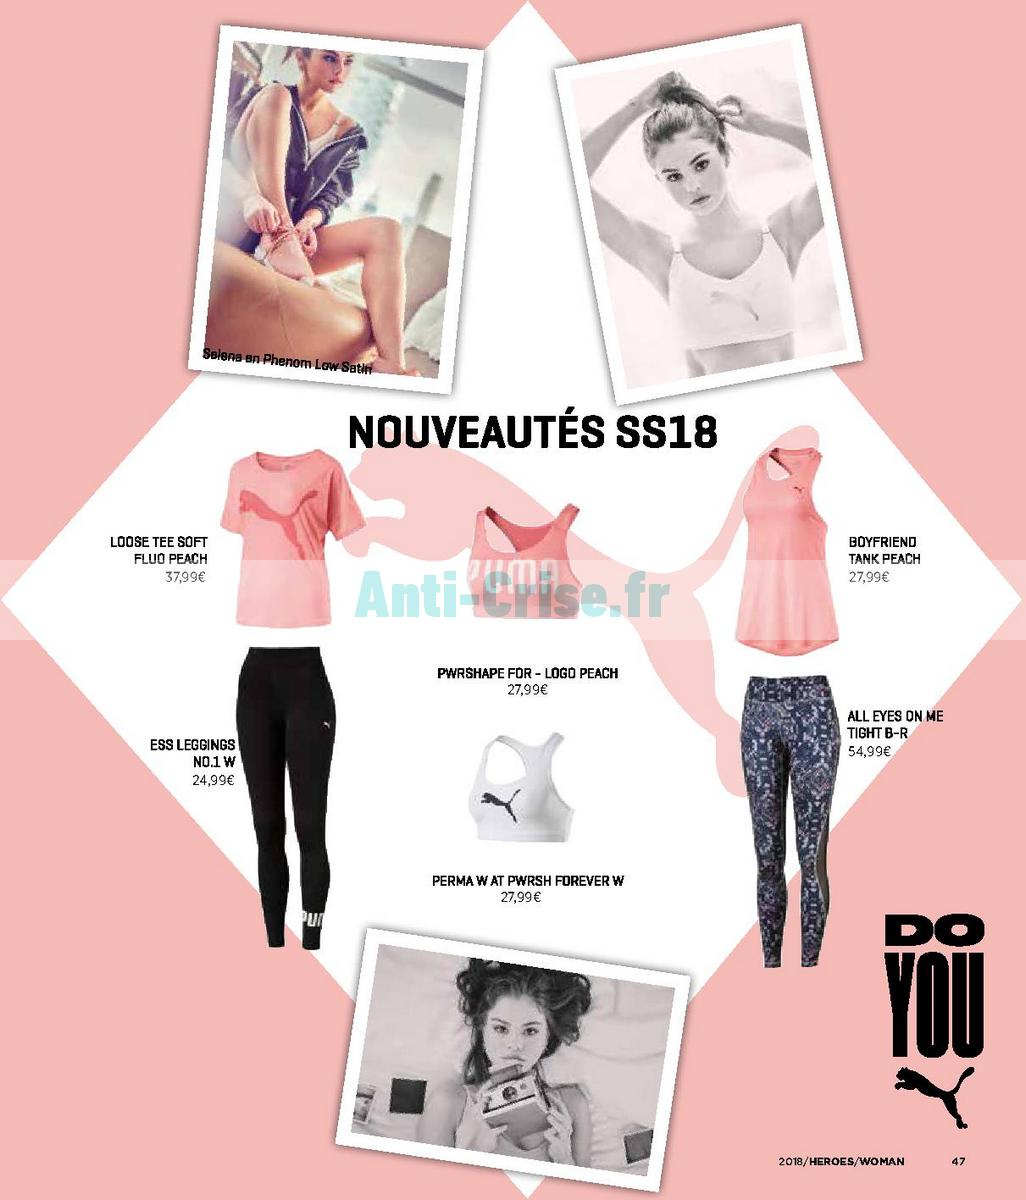 decembre2018 Catalogue Go Sport du 28 avril au 31 décembre 2018 (Spécial Femme) (47)